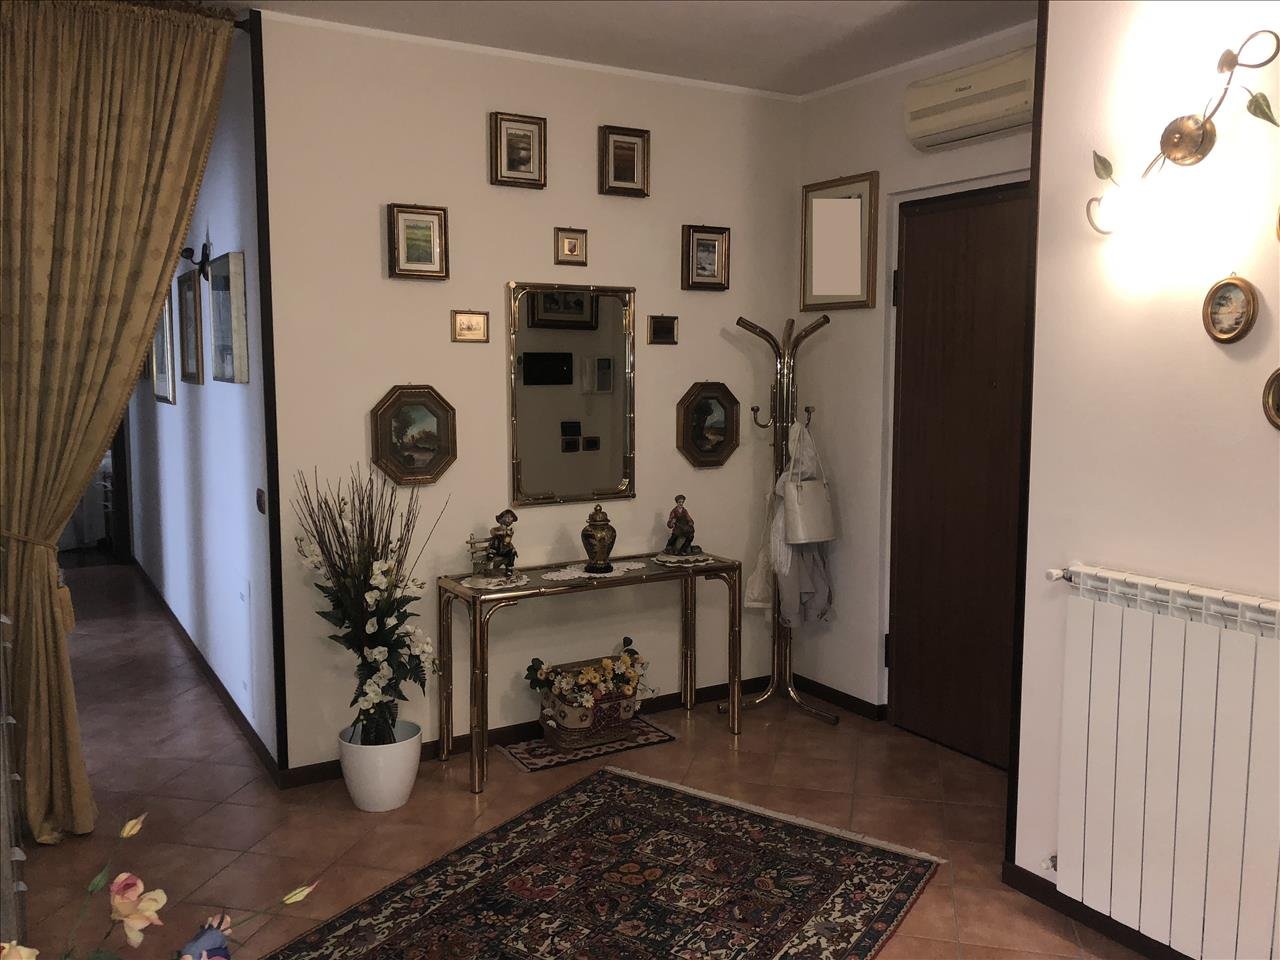 Trilocale a San Giorgio Piacentino in Vendita